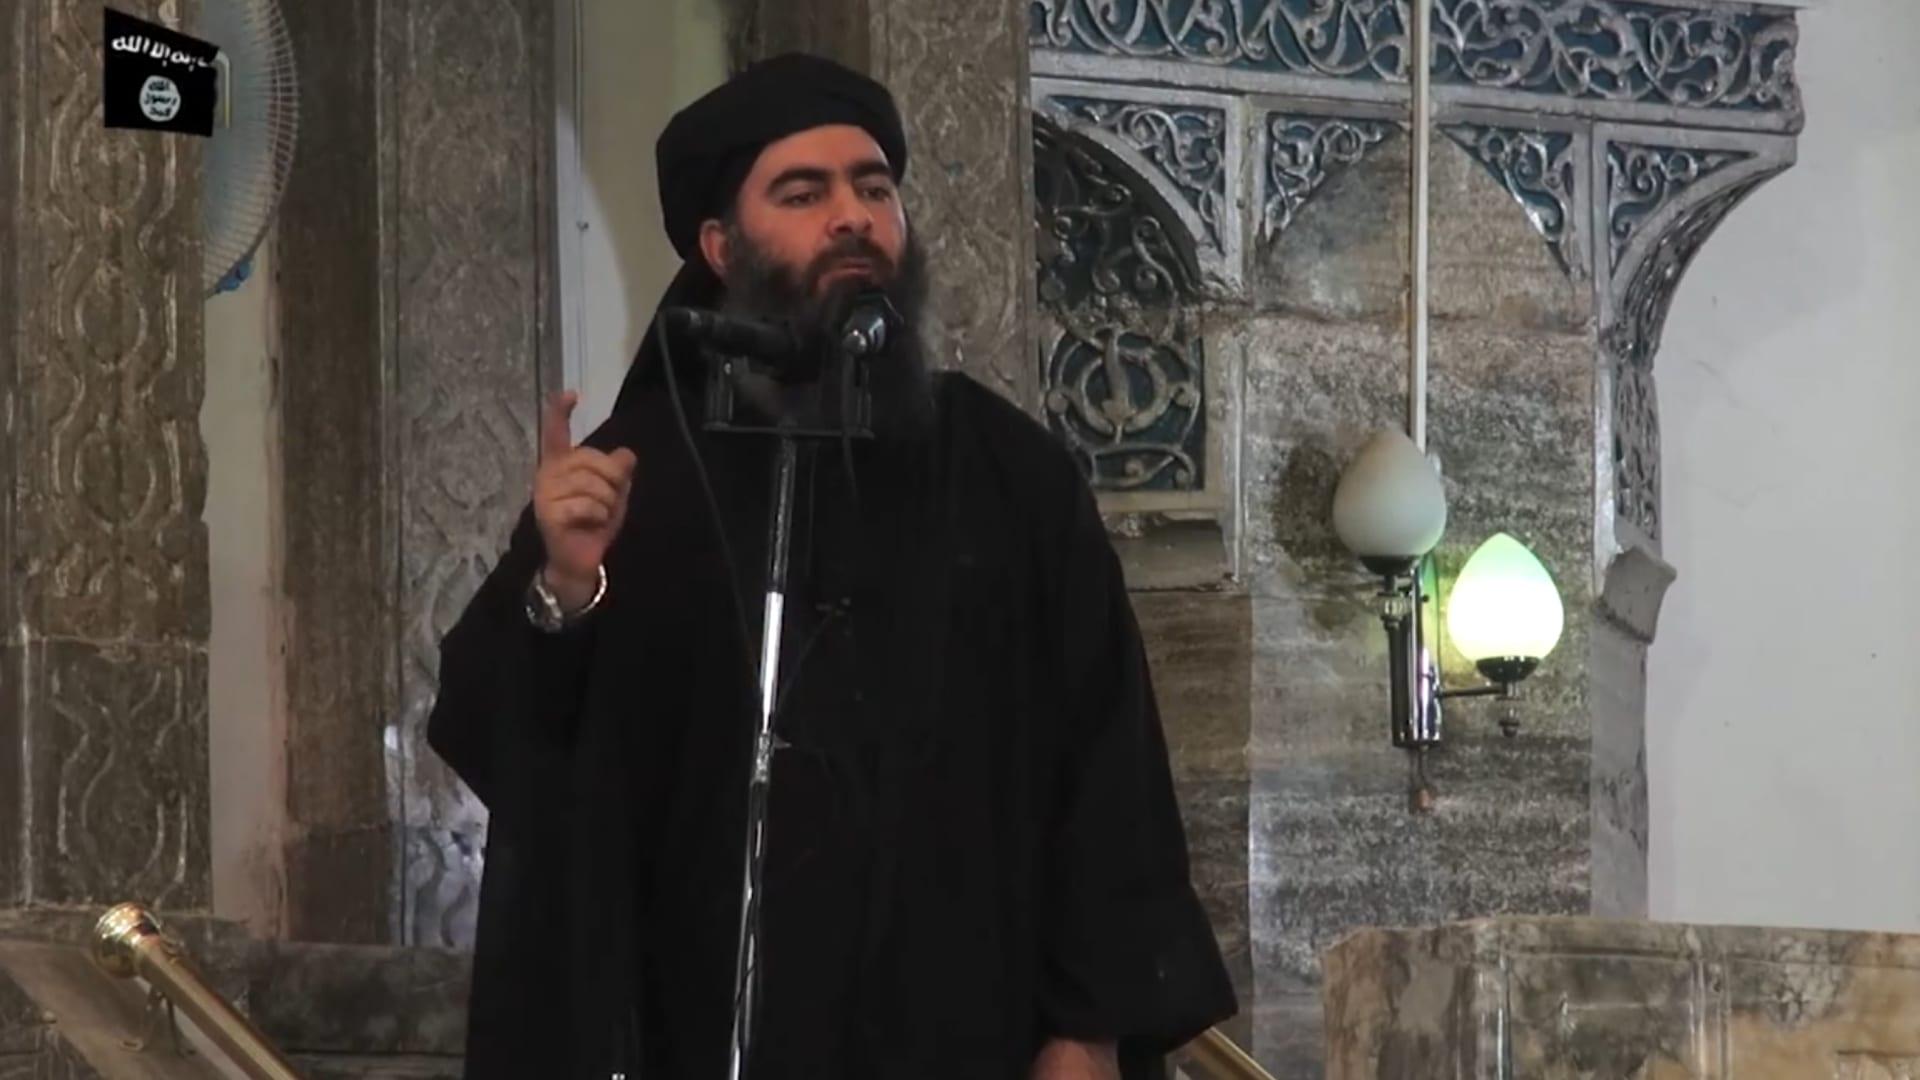 مقتل البغدادي.. فيديو جديد لآثار عملية استهداف زعيم داعش